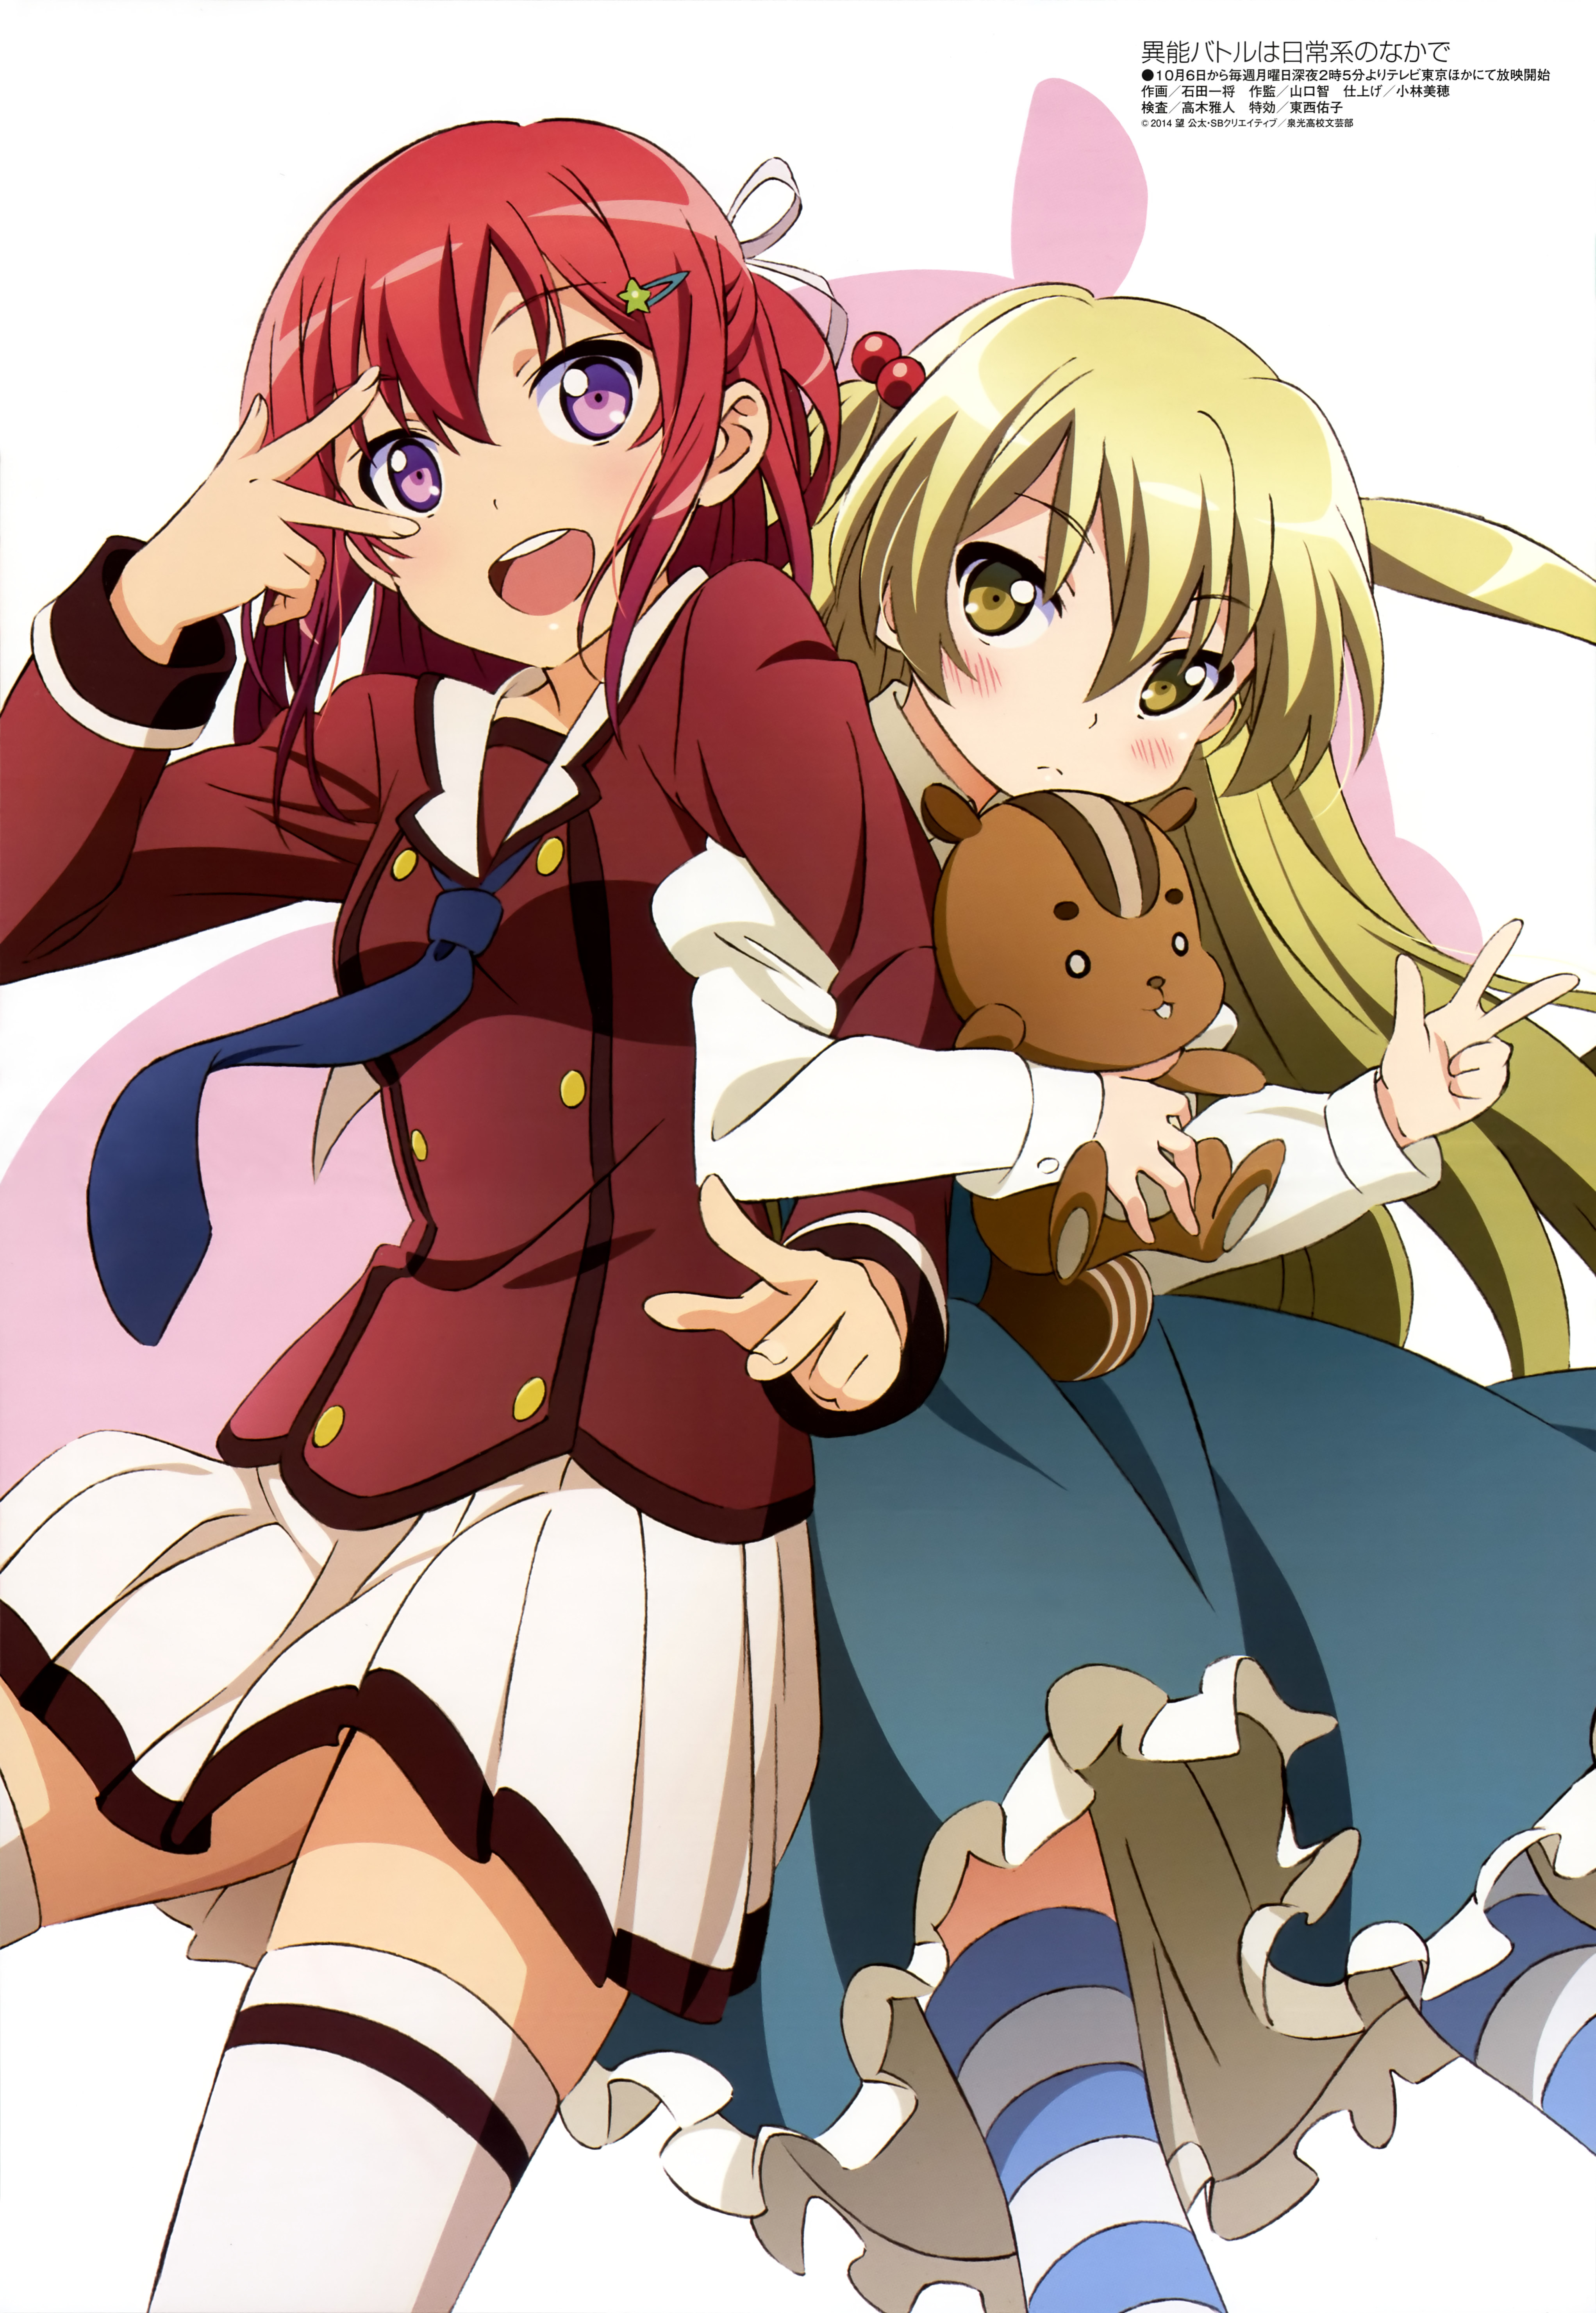 Haruhichan.com Megami MAGAZINE November 2014 posters dress himeki_chifuyu inou-battle_wa_nichijou-kei_no_naka_de ishida_kazumasa kanzaki_tomoyo seifuku thighhighs